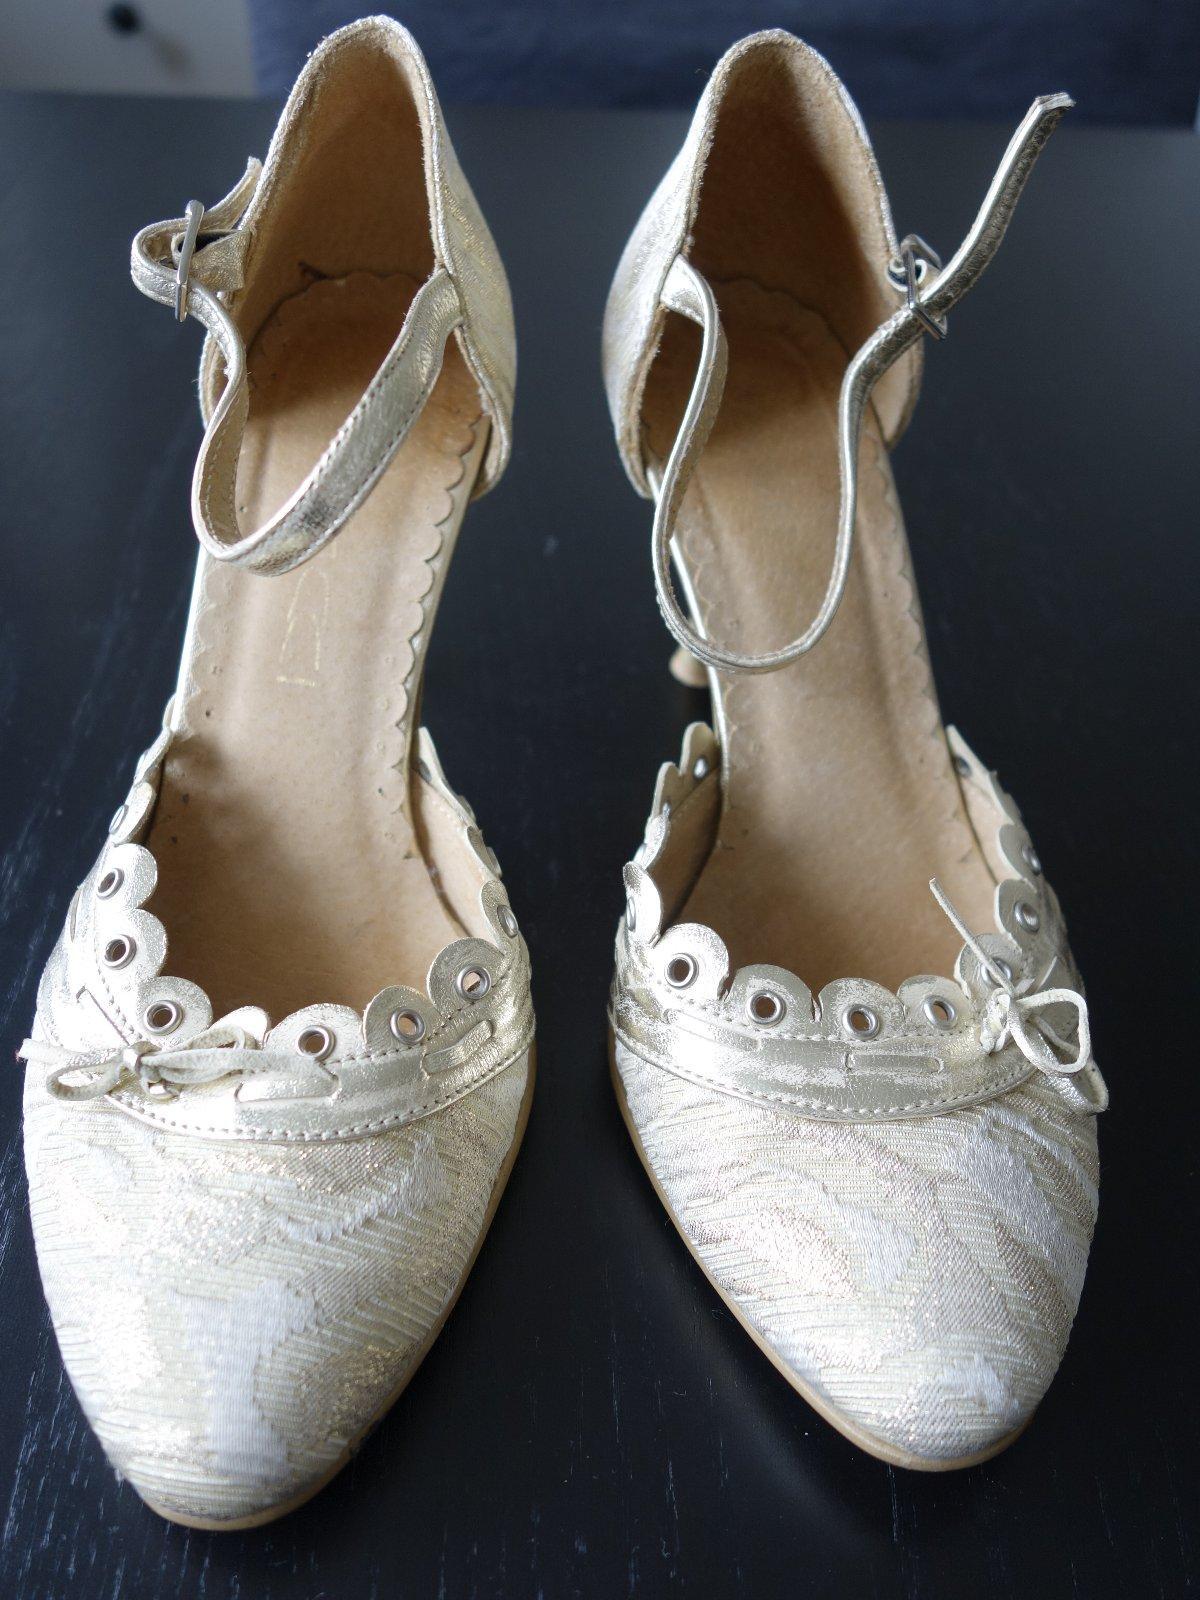 8a9a7c9b386f Predám zlaté topánky na opätku